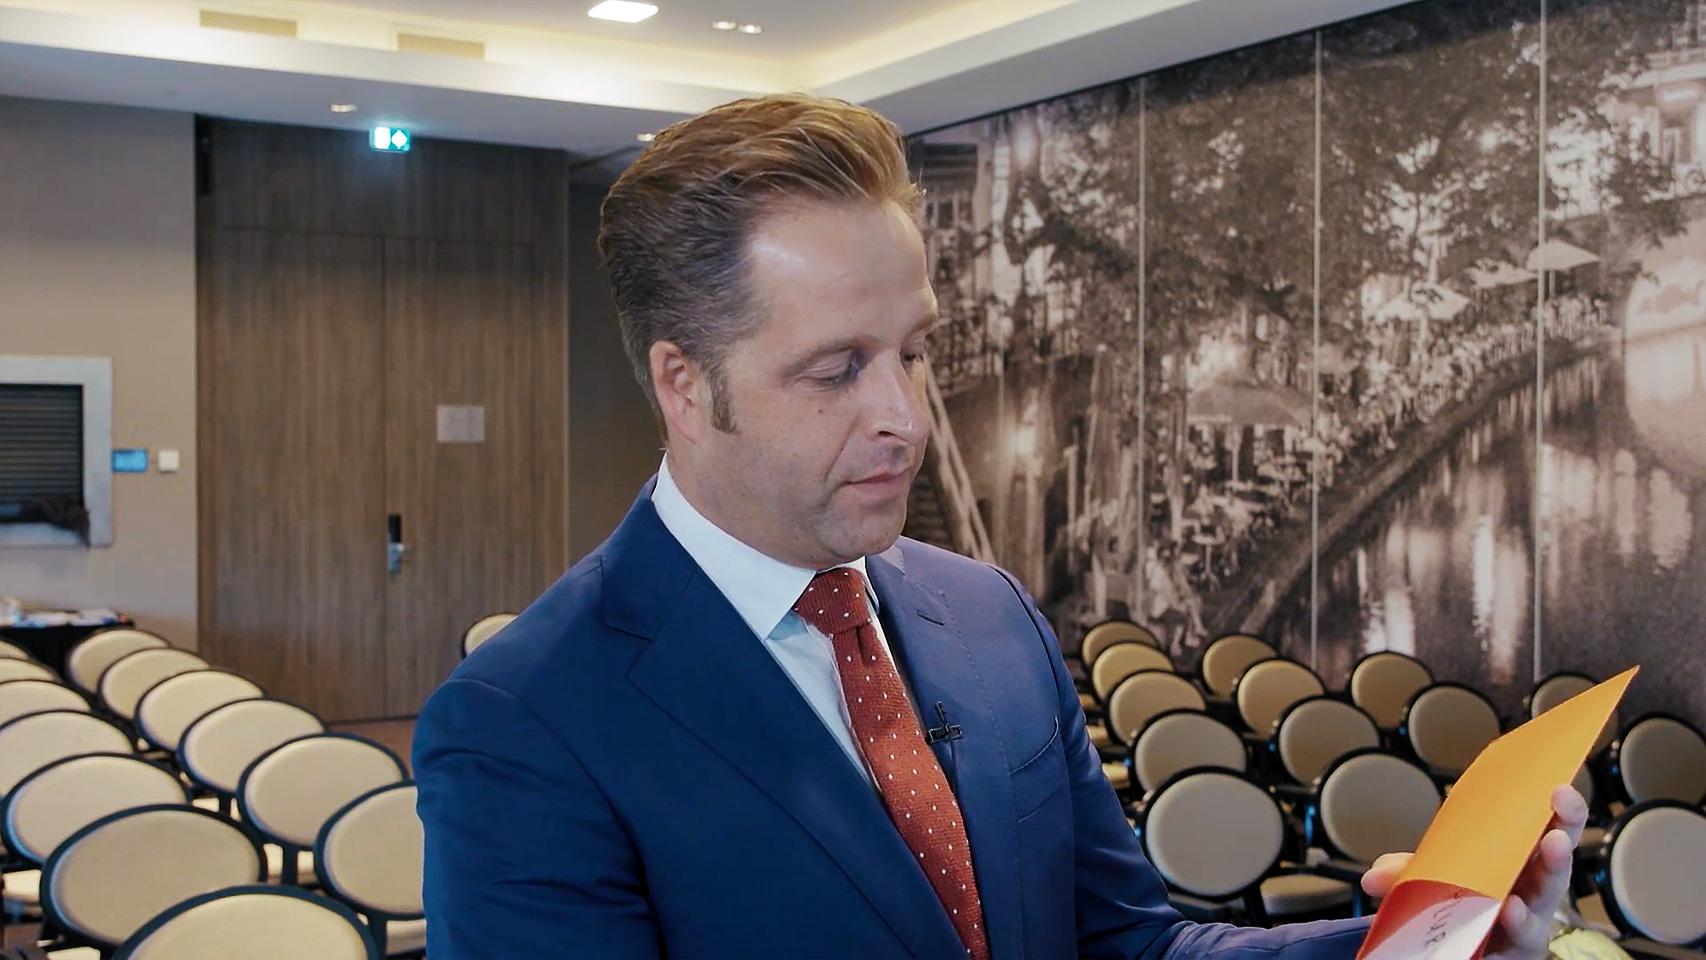 Hugo de Jonge tijdens HR Zorg Award waar Pluryn een prijs won met de campagne carriereswitcher